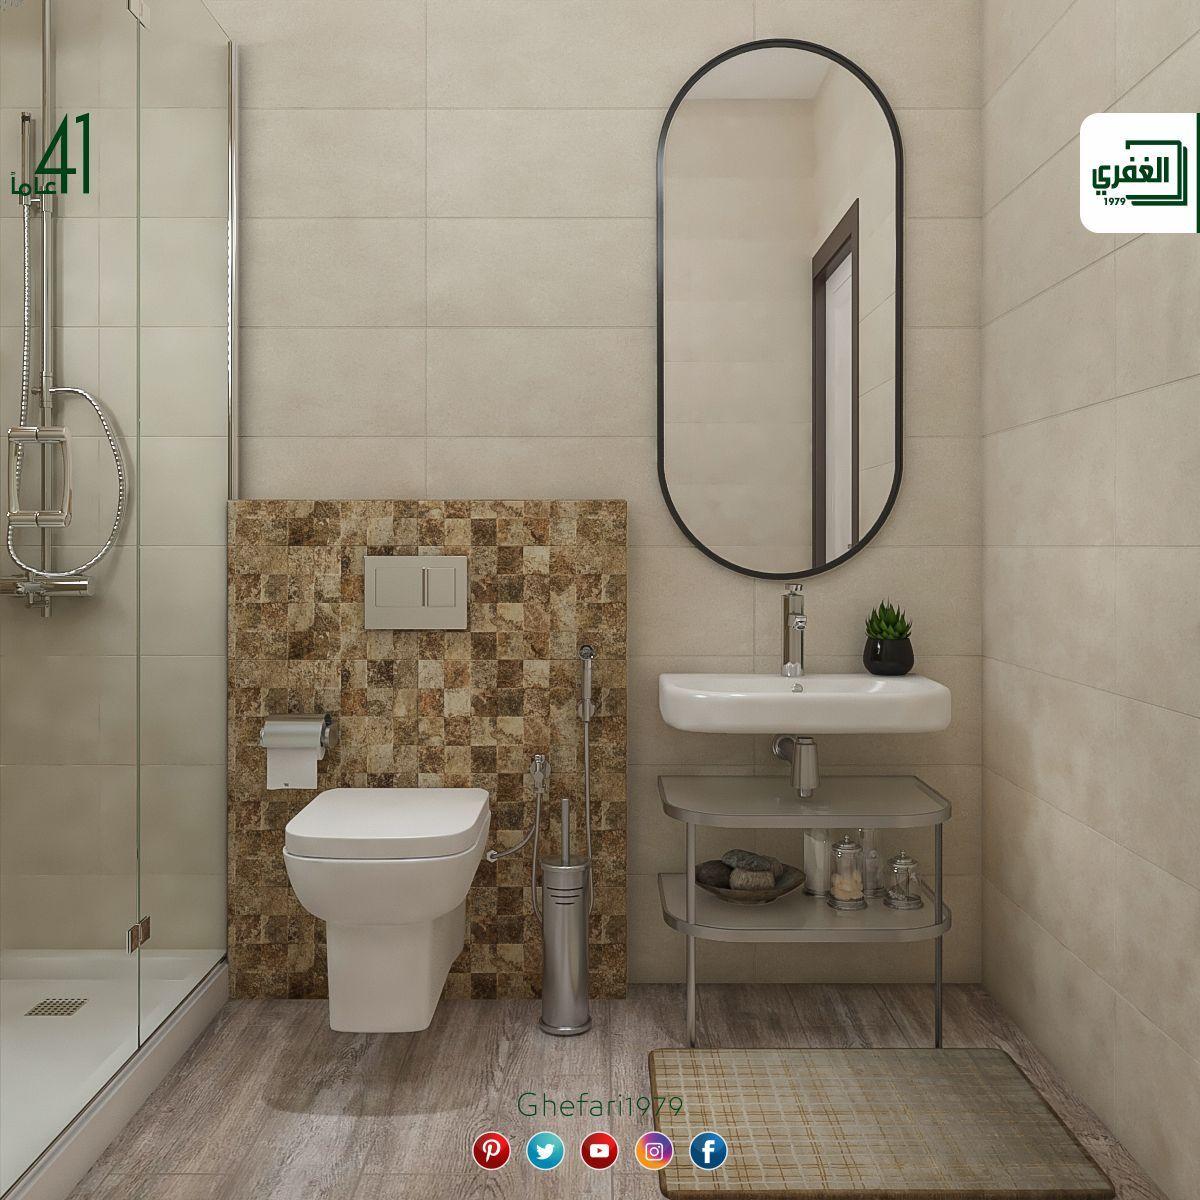 بلاط أسباني للاستخدام داخل الحمامات المطابخ اماكن اخرى للمزيد زورونا على موقع الشركة Https Www Ghefari Com Ar Ardoise واتس اب 0097259941 Bathroom Toilet